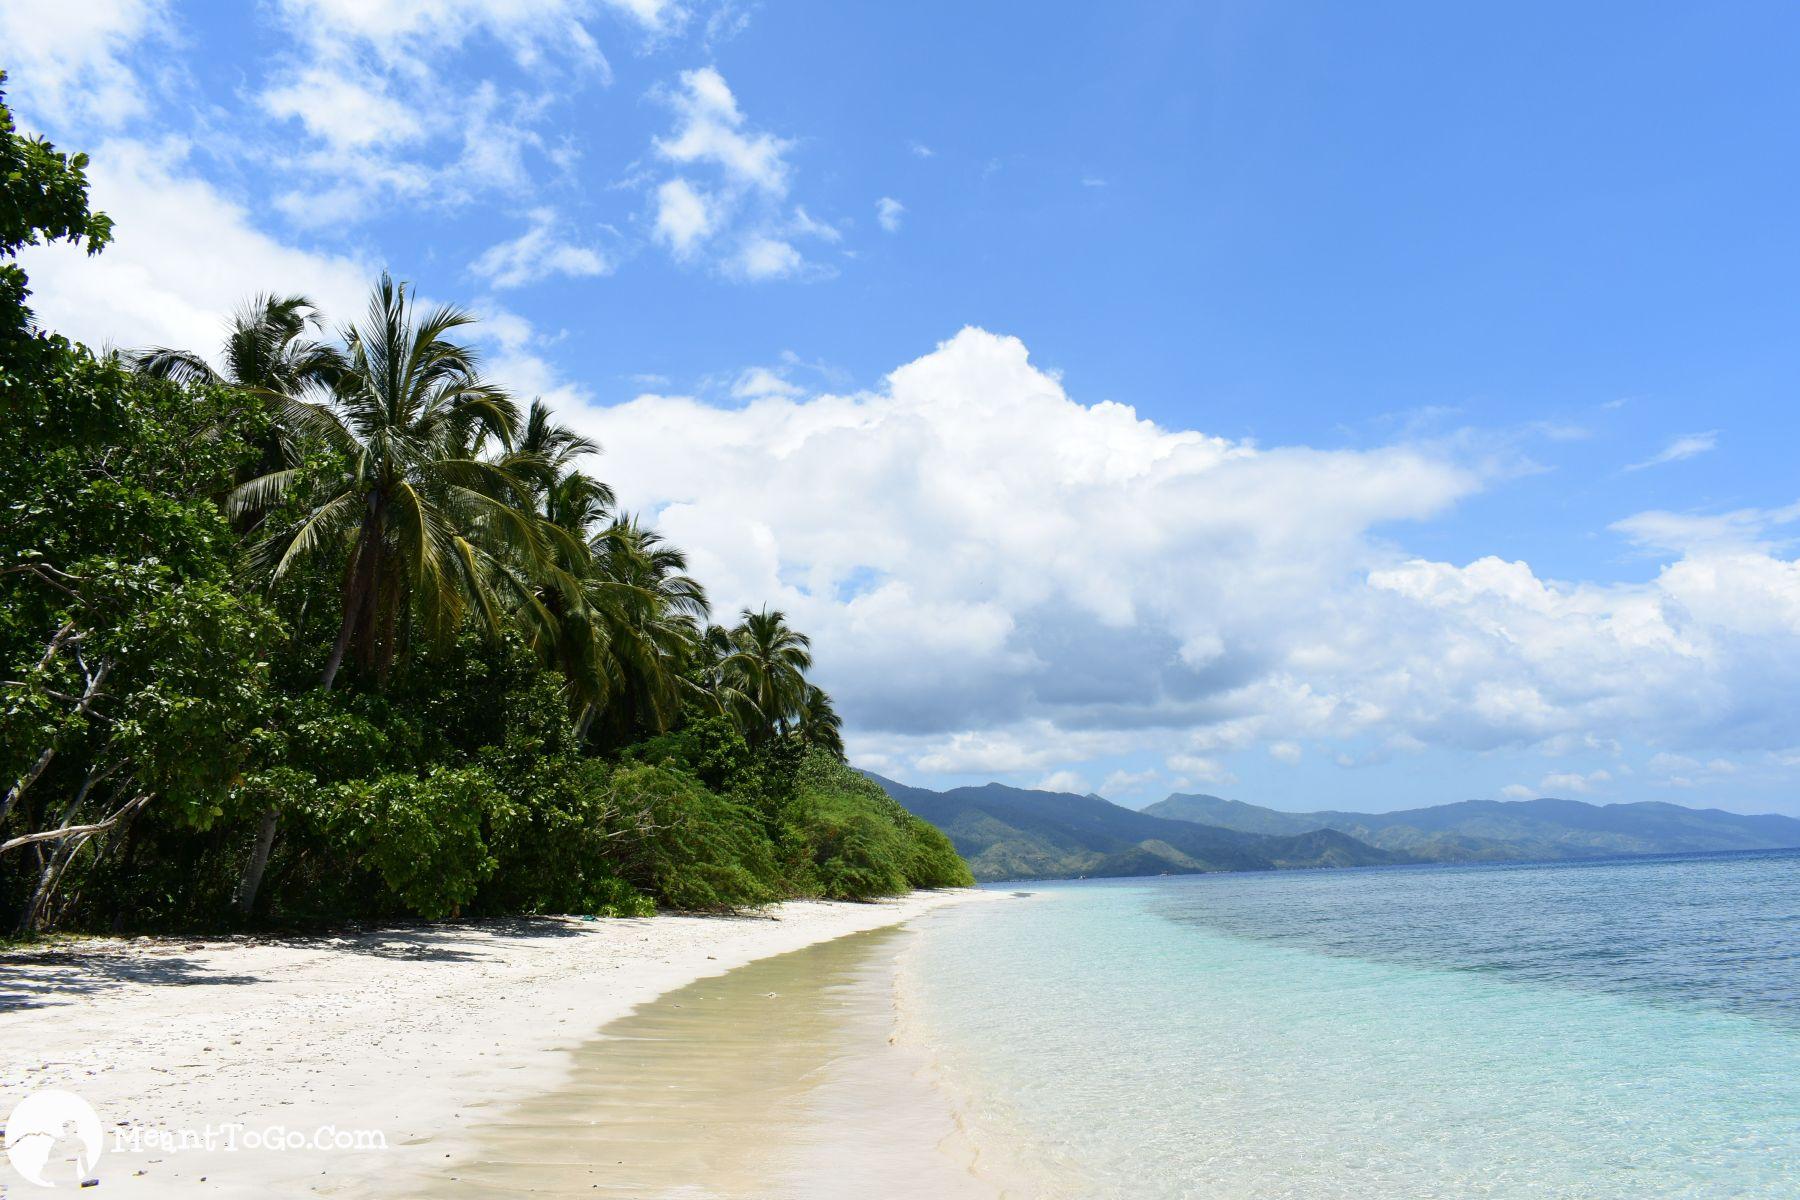 Pujada Island, Mati, Davao Oriental